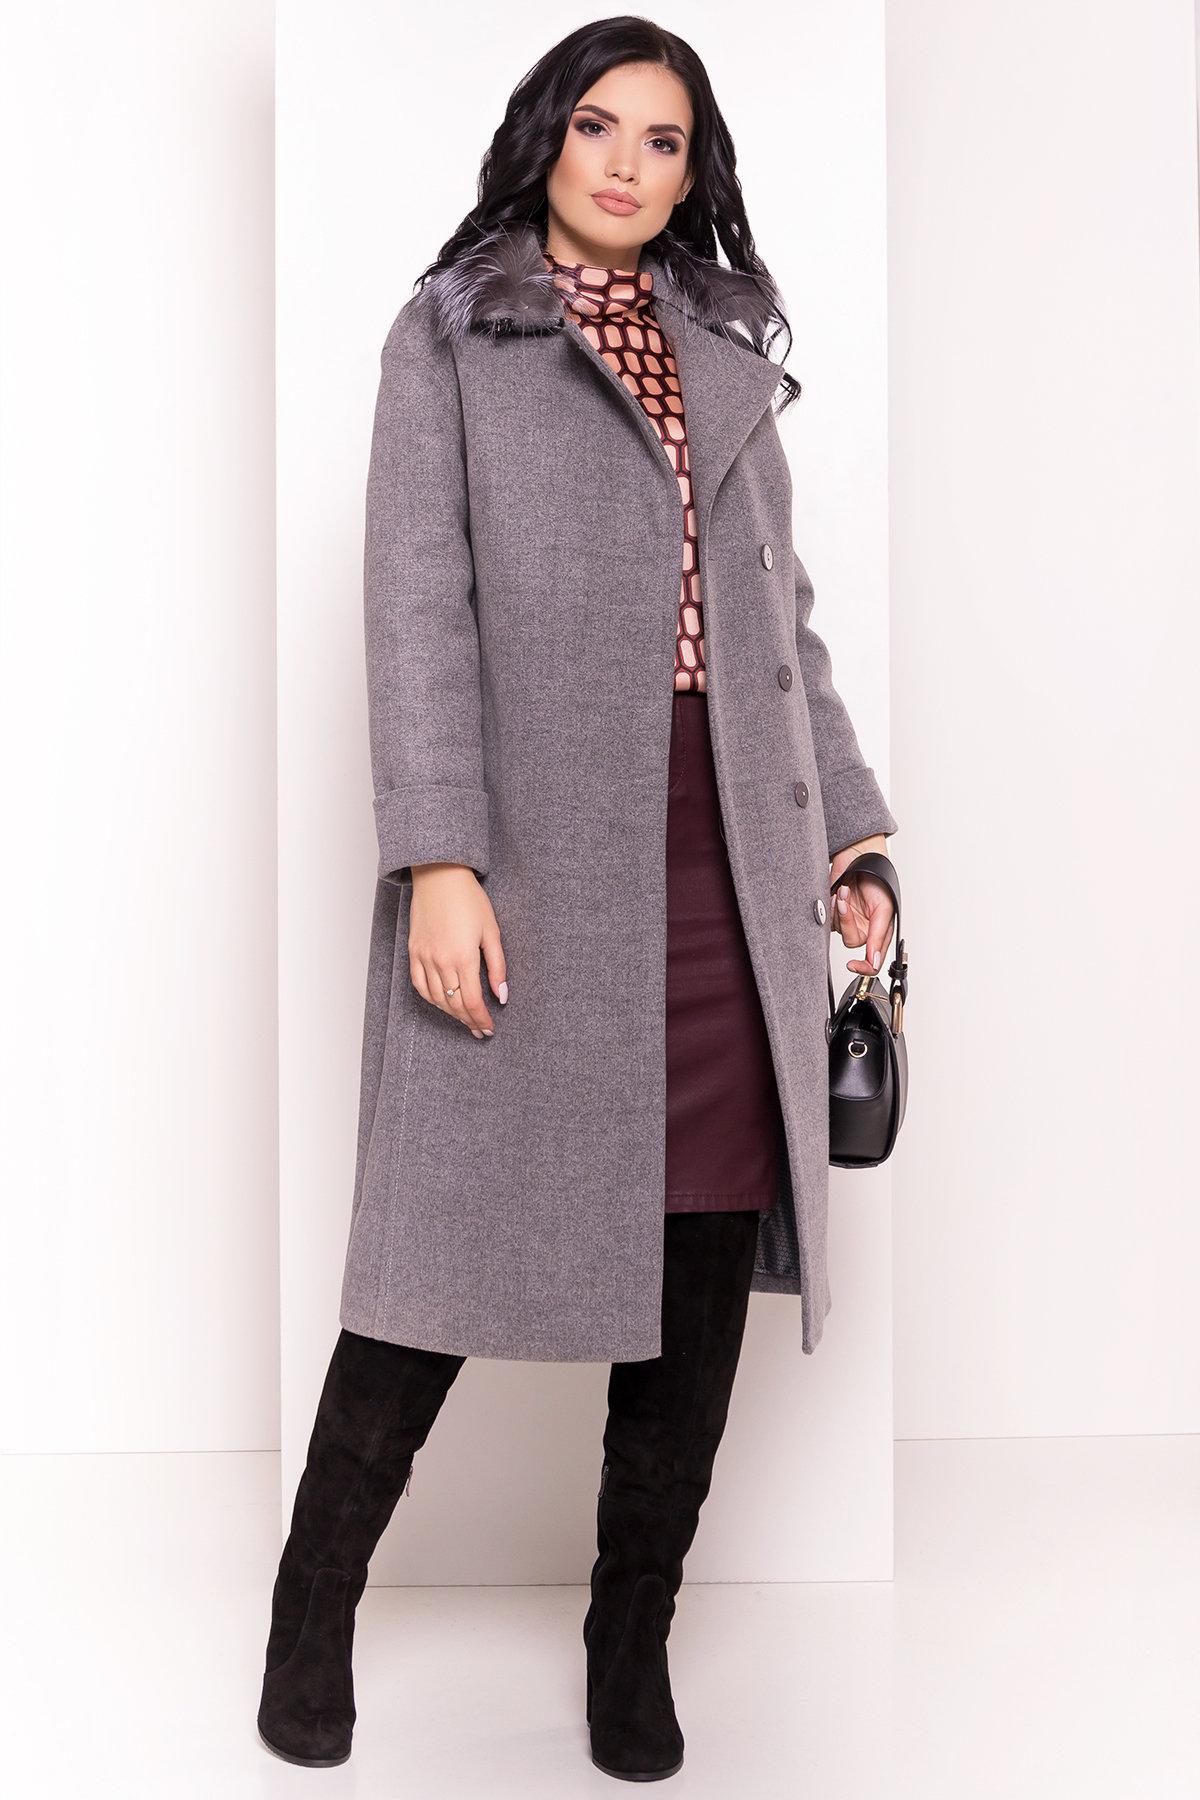 Зимнее приталенное пальто с поясом Богема 5706 АРТ. 38000 Цвет: Серый 18 - фото 3, интернет магазин tm-modus.ru